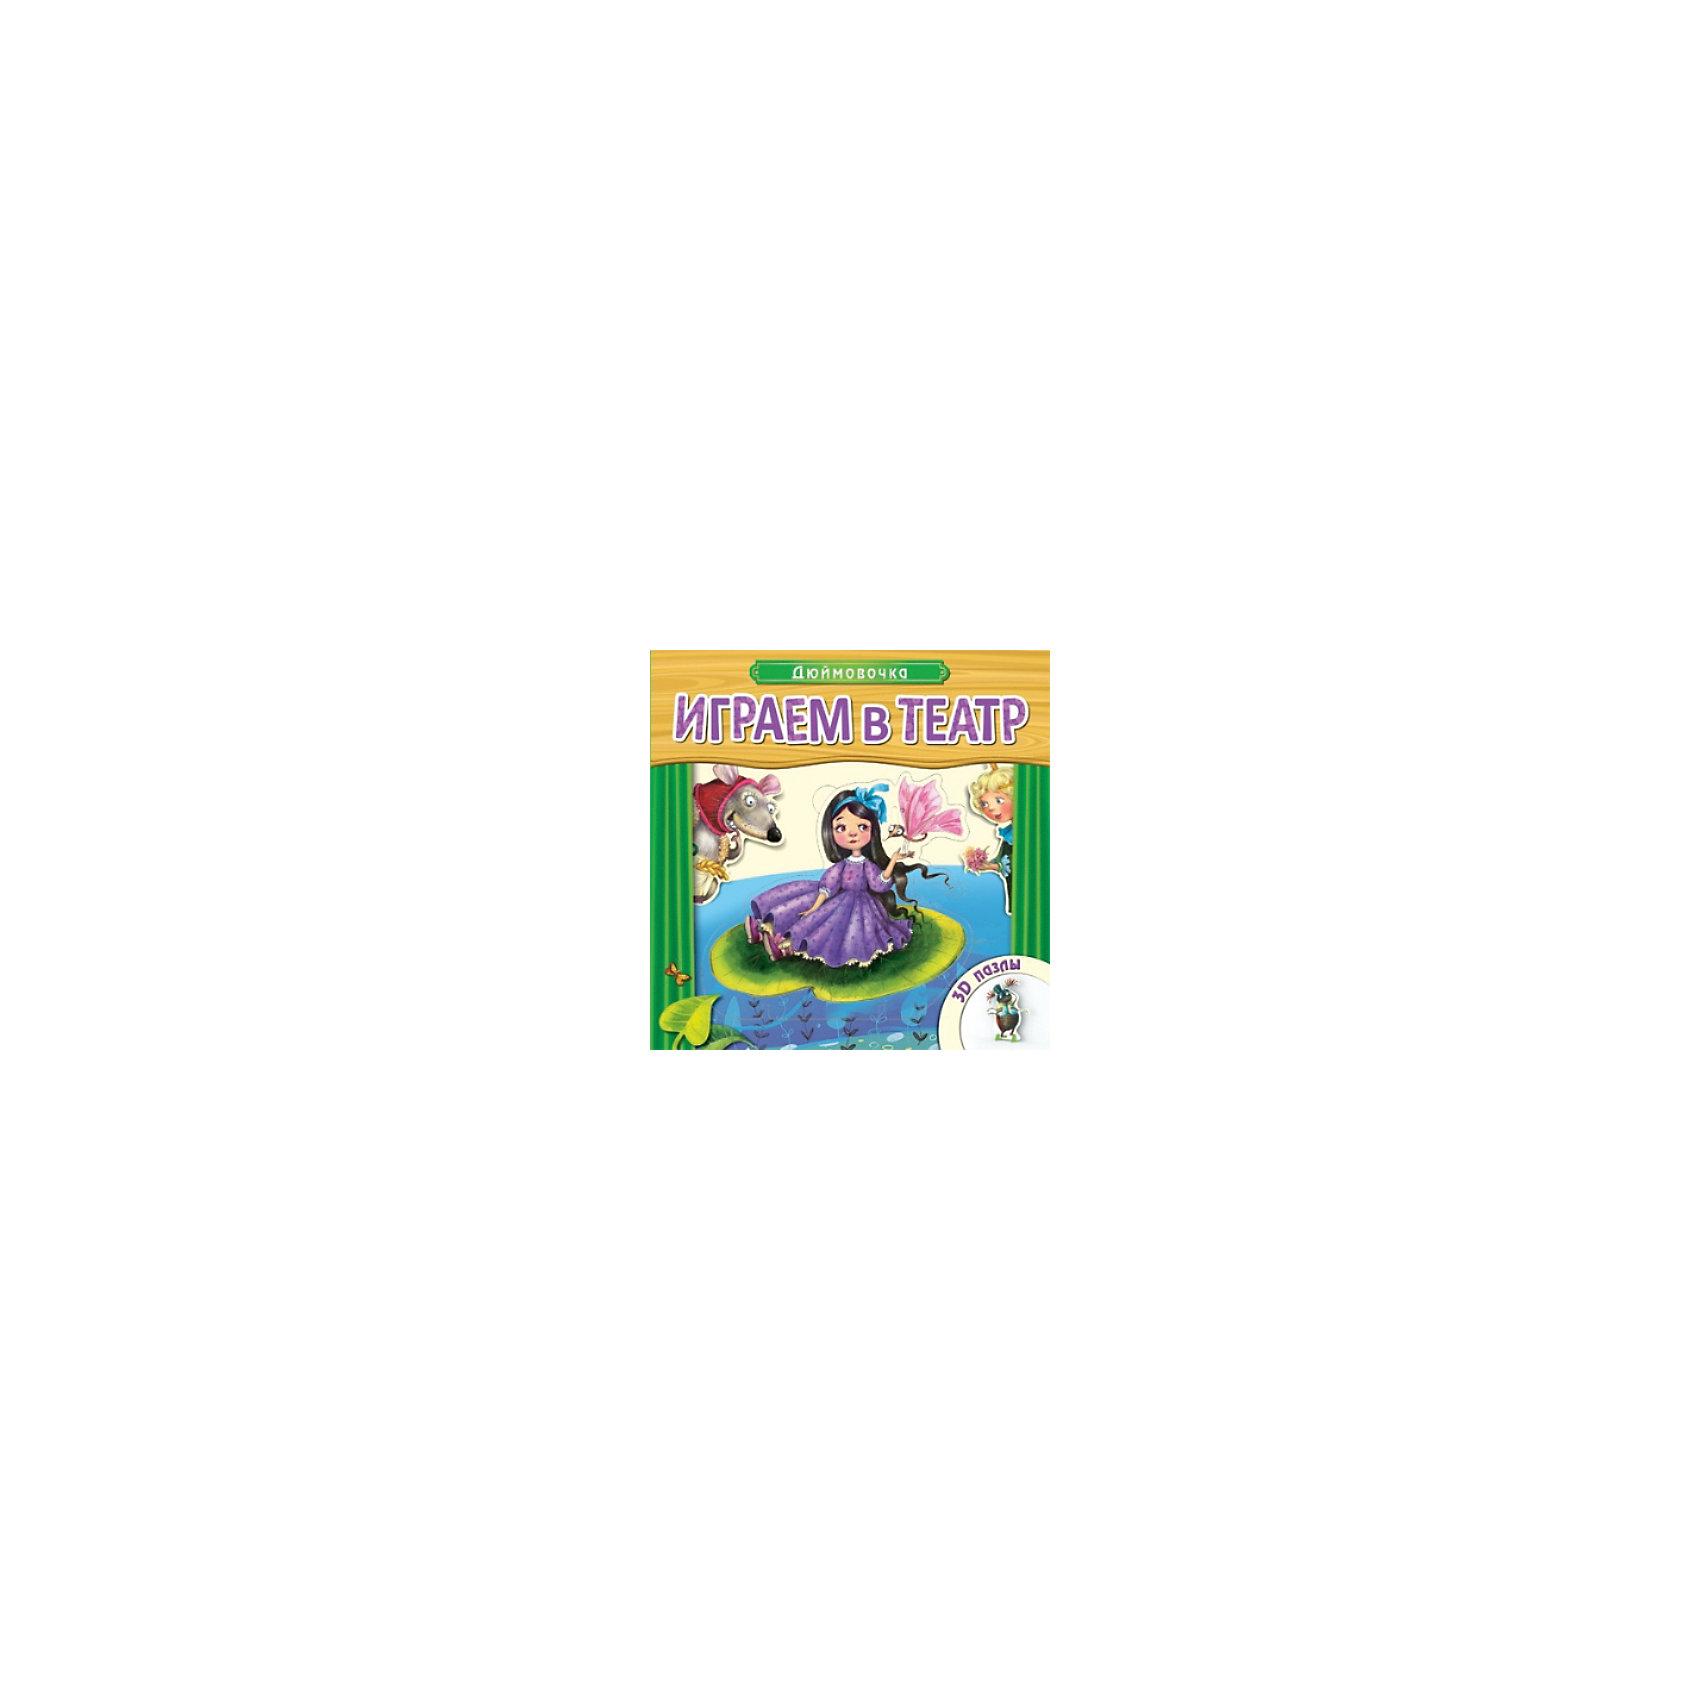 Книжка с пазлами Дюймовочка, Играем в театрКниги-пазлы<br>Книжка с пазлами Дюймовочка, Играем в театр<br><br>Характеристики:<br><br>• ребенок сможет устроить представление с героями сказки<br>• яркие иллюстрации<br>• шесть картинок-пазлов с подставками<br>• издательство: Мозаика-Синтез<br>• иллюстратор: Любовь Еремина<br>• количество страниц: 12<br>• ISBN: 978-5-43150-677-2<br>• размер: 17х17х2,8 см<br>• вес: 514 грамм<br><br>Книга-пазл из серии Играем в театр позволит не только прочитать сказку, но и устроить небольшое представление. В книге находятся картинки-пазлы и подставки для них. Ребёнок сможет пересказать сказку или придумать новое интересное приключение для персонажей. Игра с фигурками из сказки способствует развитию моторики, воображения, памяти и речи.<br><br>Книжку с пазлами Дюймовочка, Играем в театр можно купить в нашем интернет-магазине.<br><br>Ширина мм: 28<br>Глубина мм: 170<br>Высота мм: 170<br>Вес г: 514<br>Возраст от месяцев: 36<br>Возраст до месяцев: 60<br>Пол: Женский<br>Возраст: Детский<br>SKU: 5362897